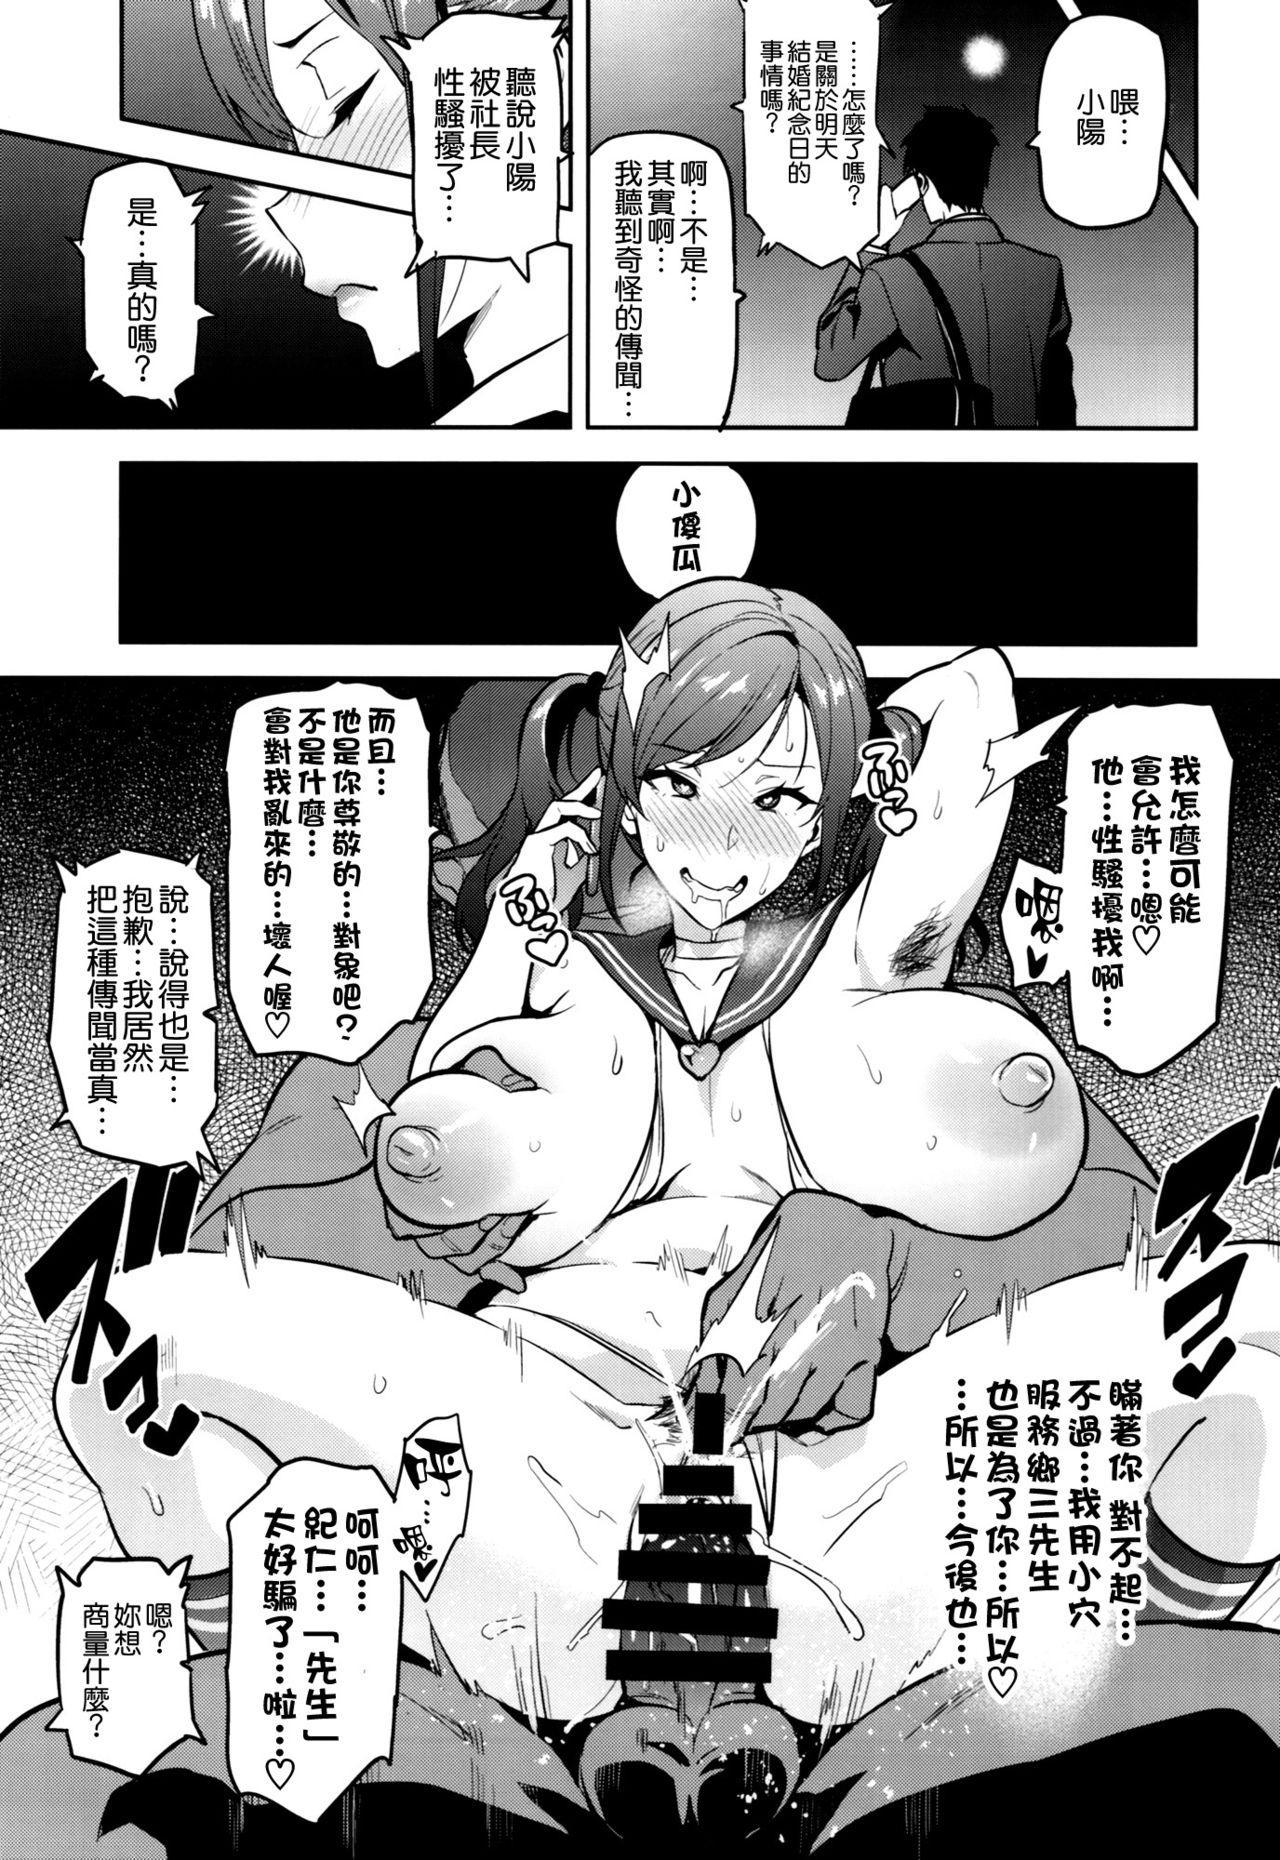 Himawari wa Yoru ni Saku 40